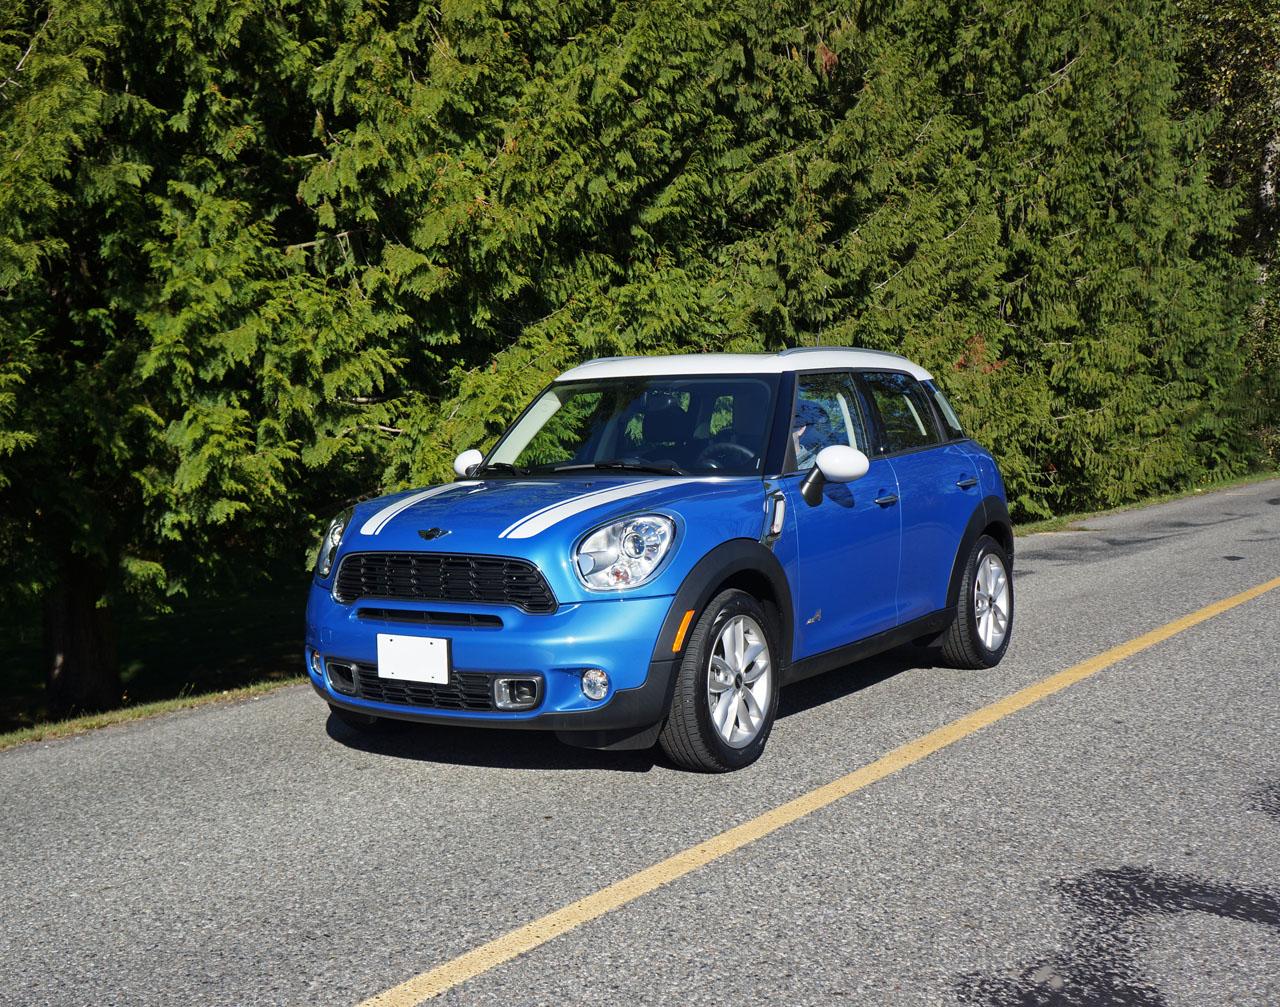 Mini mini cooper crossover : 2014 Mini Cooper S ALL4 Countryman Road Test Review | CarCostCanada